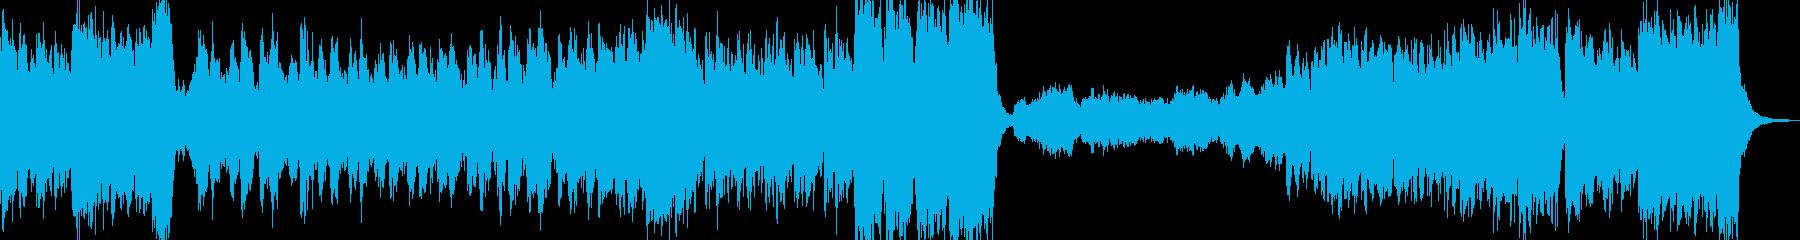 勇壮な和風オーケストラ曲の再生済みの波形